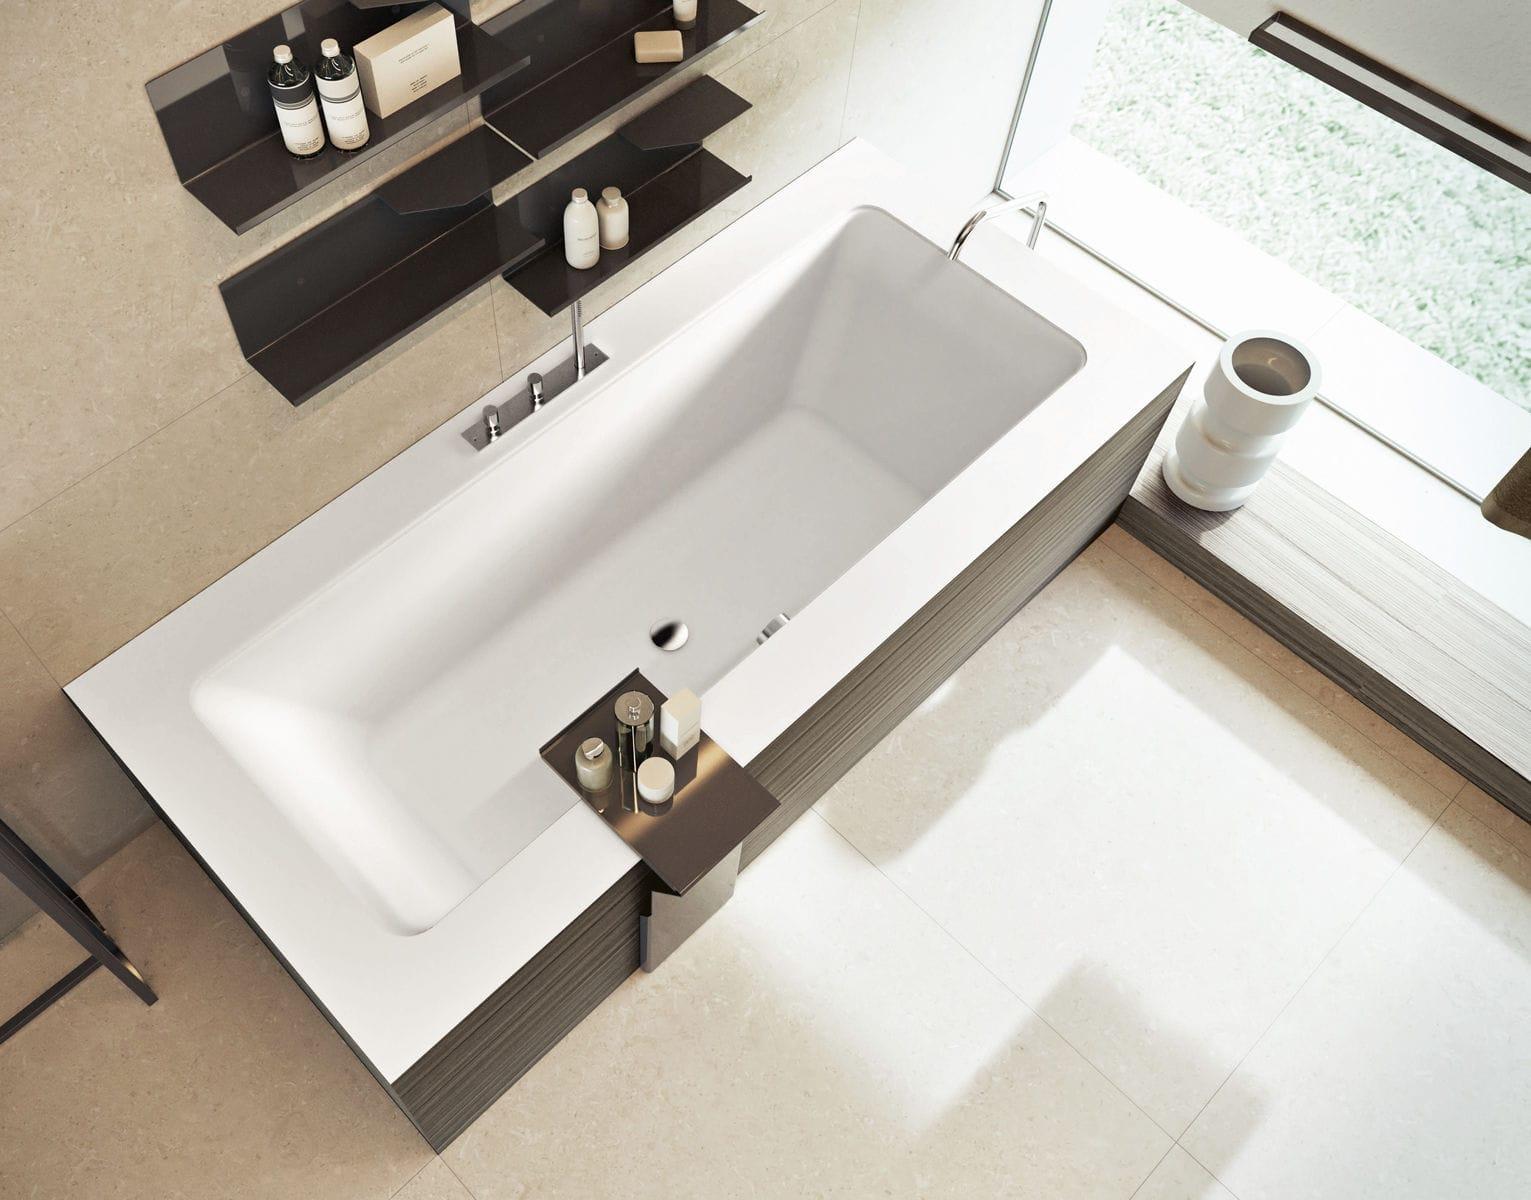 Vasca Da Bagno Incasso 180x70 : Vasca da bagno makro prezzi: light 30 lavabi makro architonic. vasca